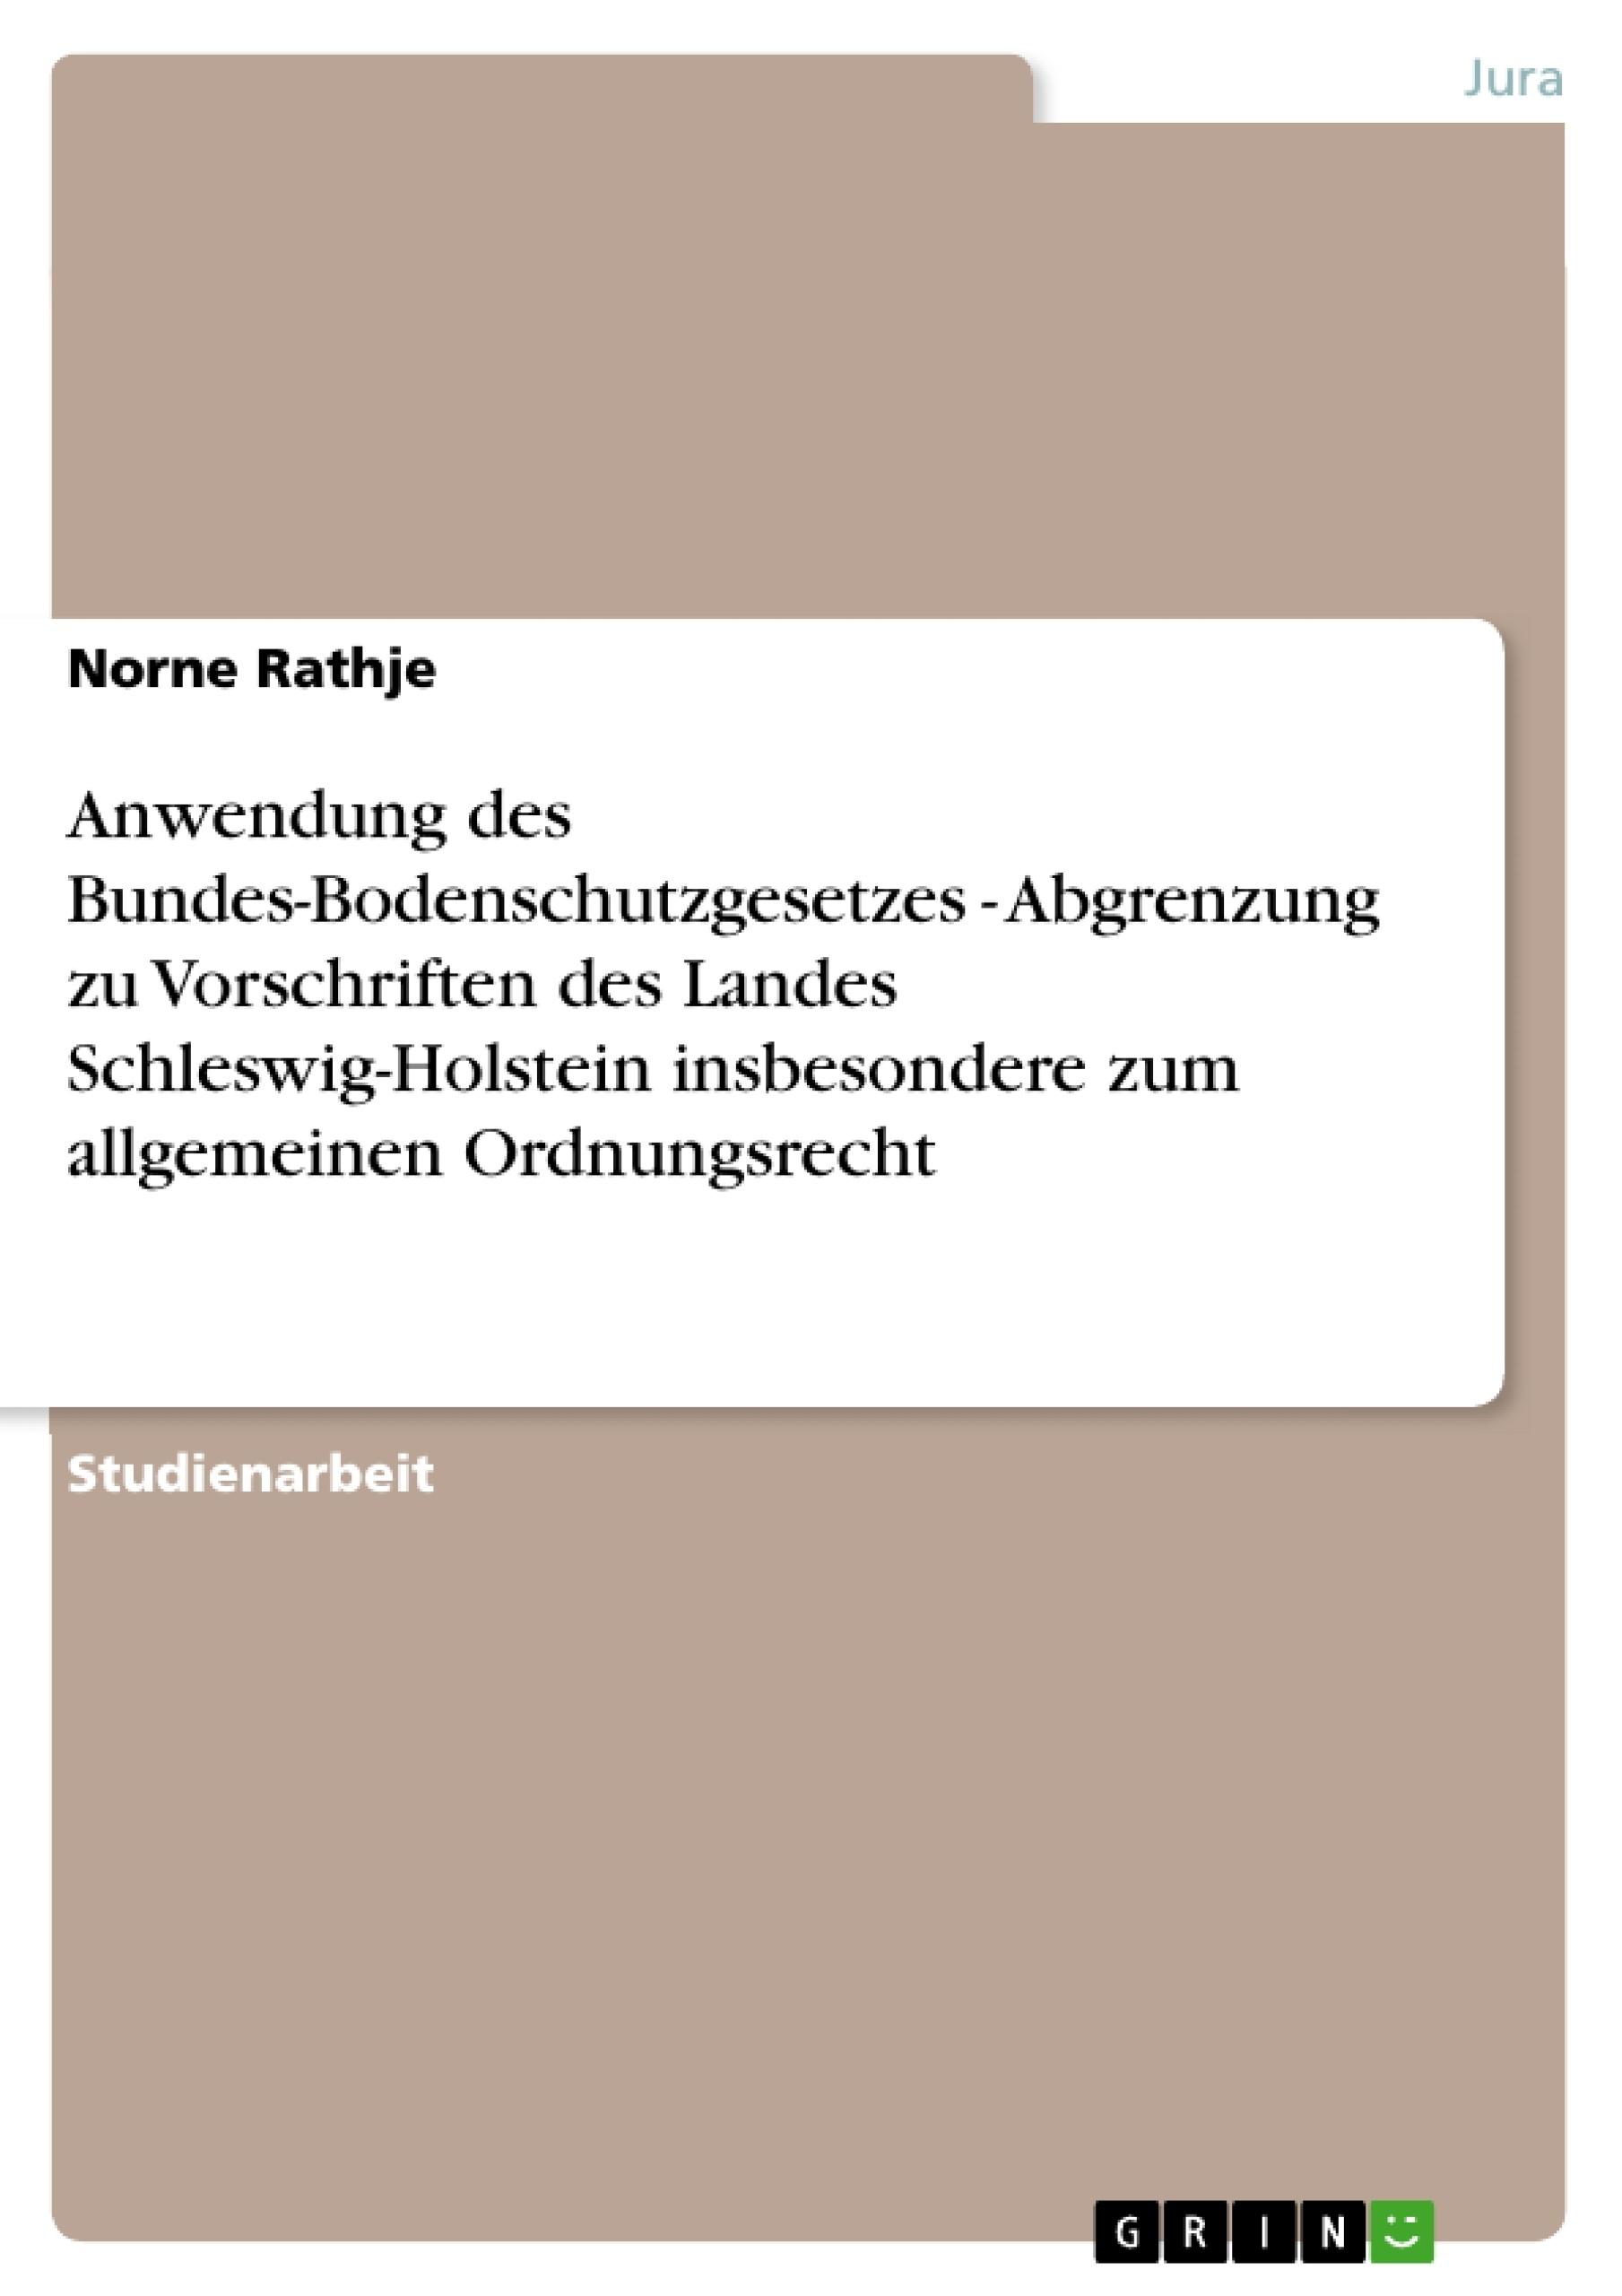 Titel: Anwendung des Bundes-Bodenschutzgesetzes - Abgrenzung zu Vorschriften des Landes Schleswig-Holstein insbesondere zum allgemeinen Ordnungsrecht